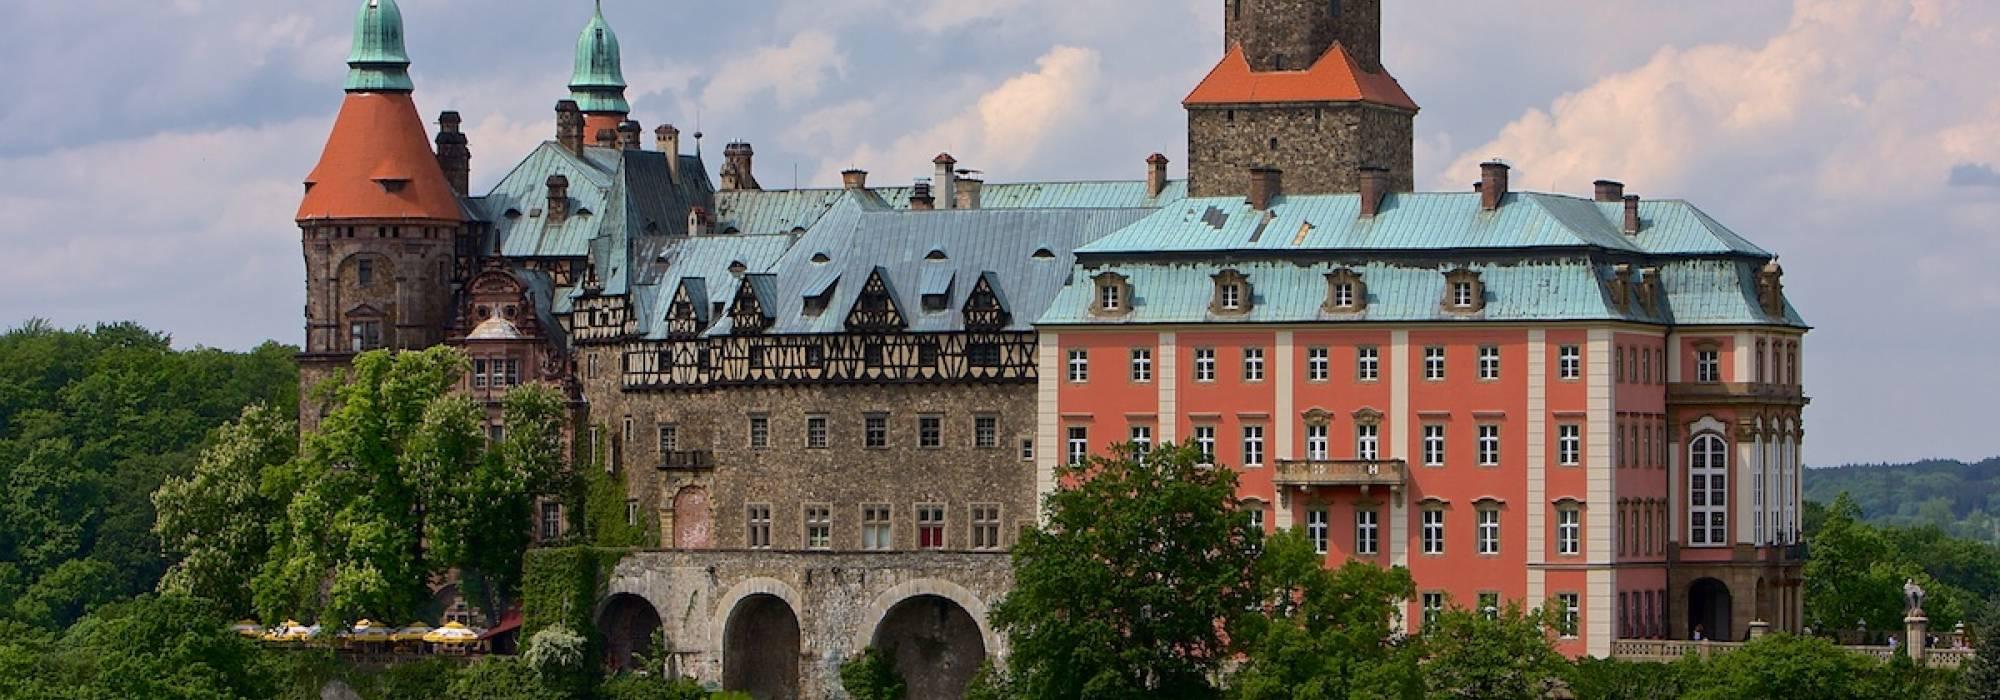 Voivodato Della Slesia Polonia castello di książ in polonia - voivodato della bassa slesia